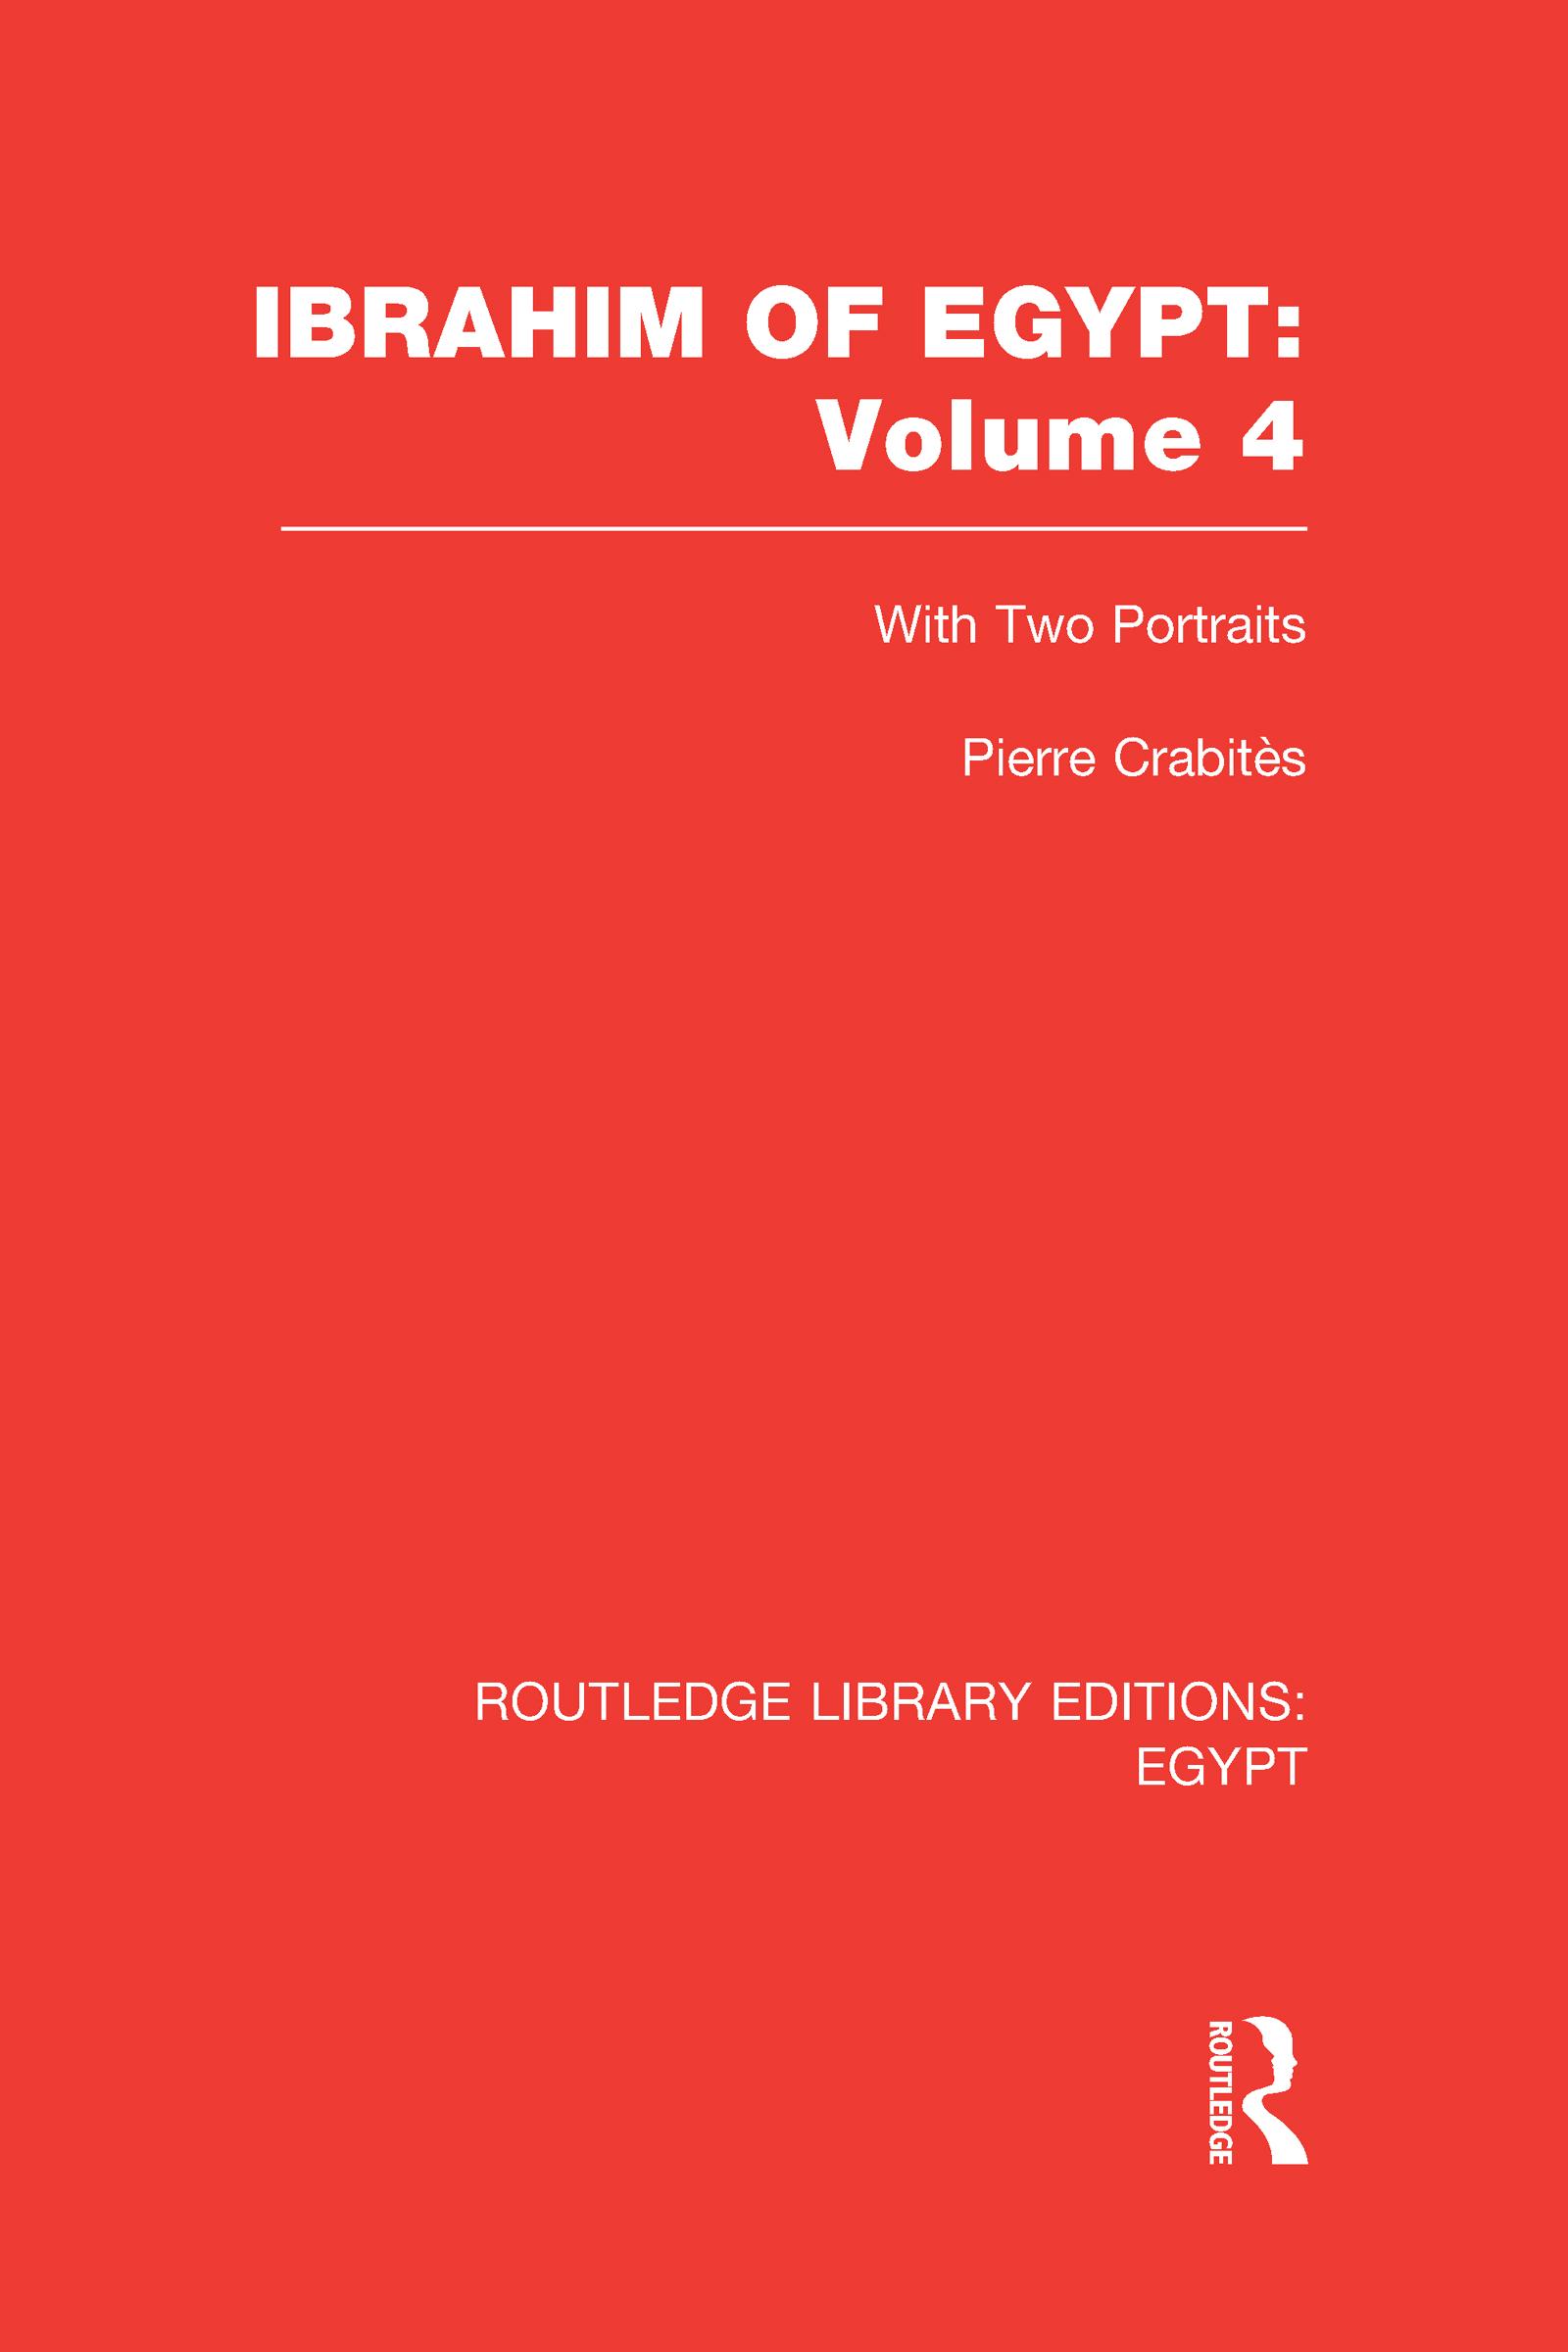 Ibrahim of Egypt (RLE Egypt) (Hardback) book cover